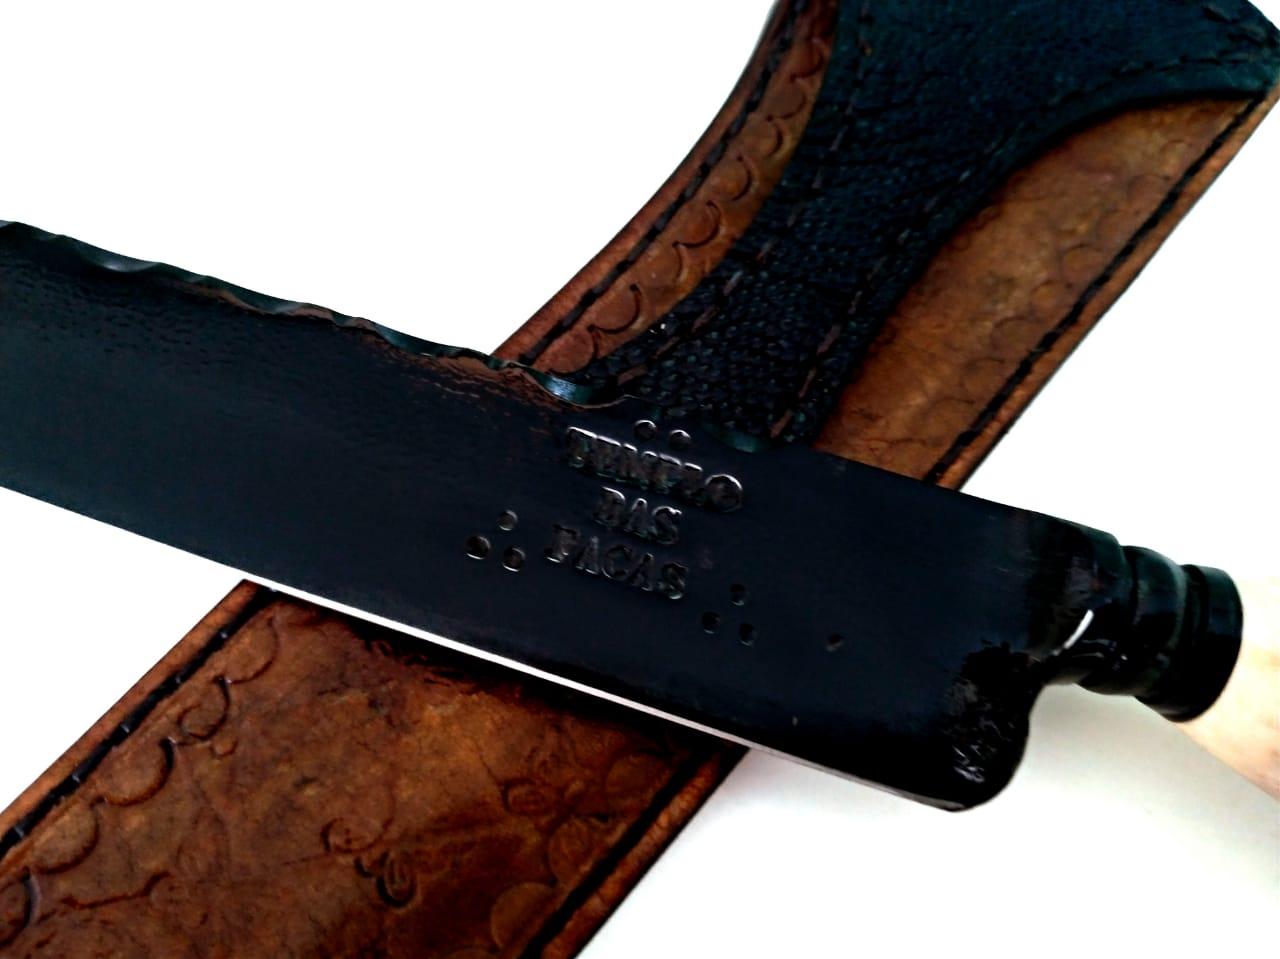 Faca artesanal forjada negra aço carbono  cervo axis coroado 13 polegadas